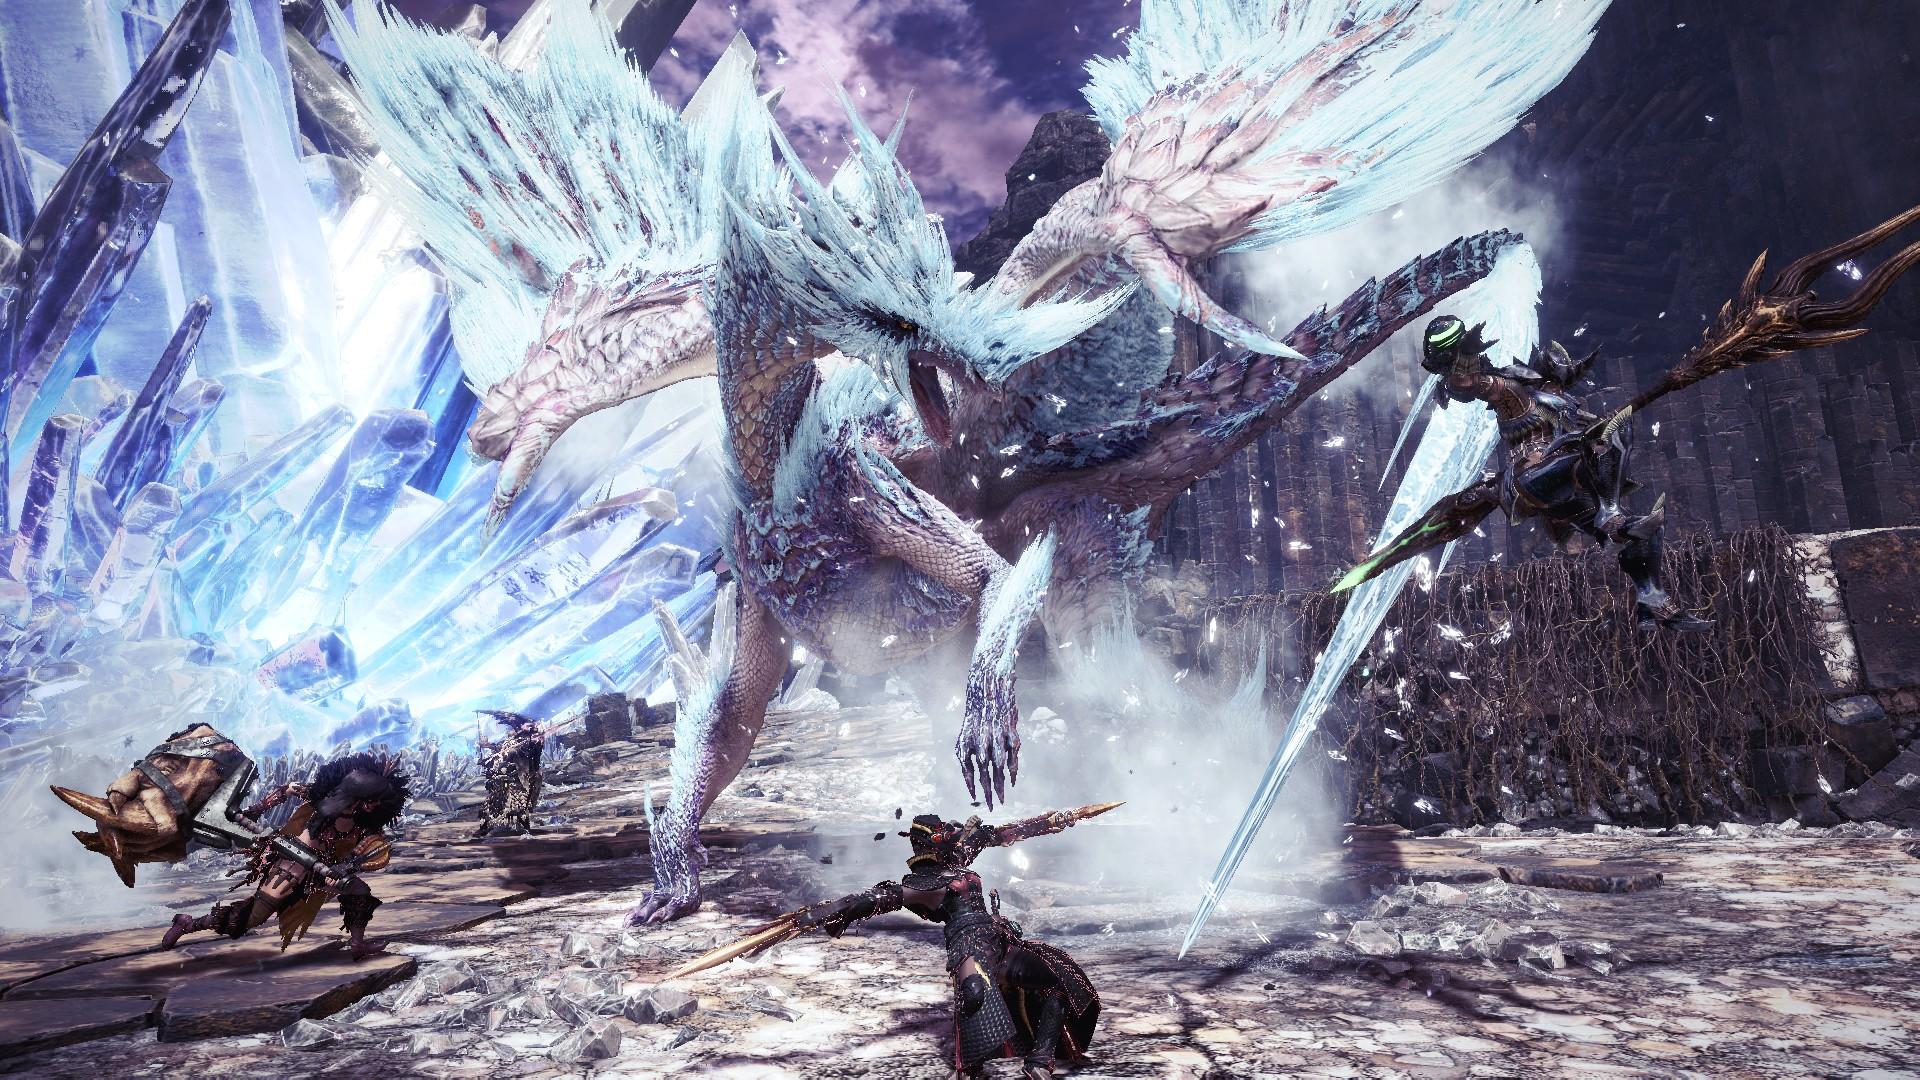 《怪猎世界:冰原》全球出货量突破400万 系列总销量达6100万